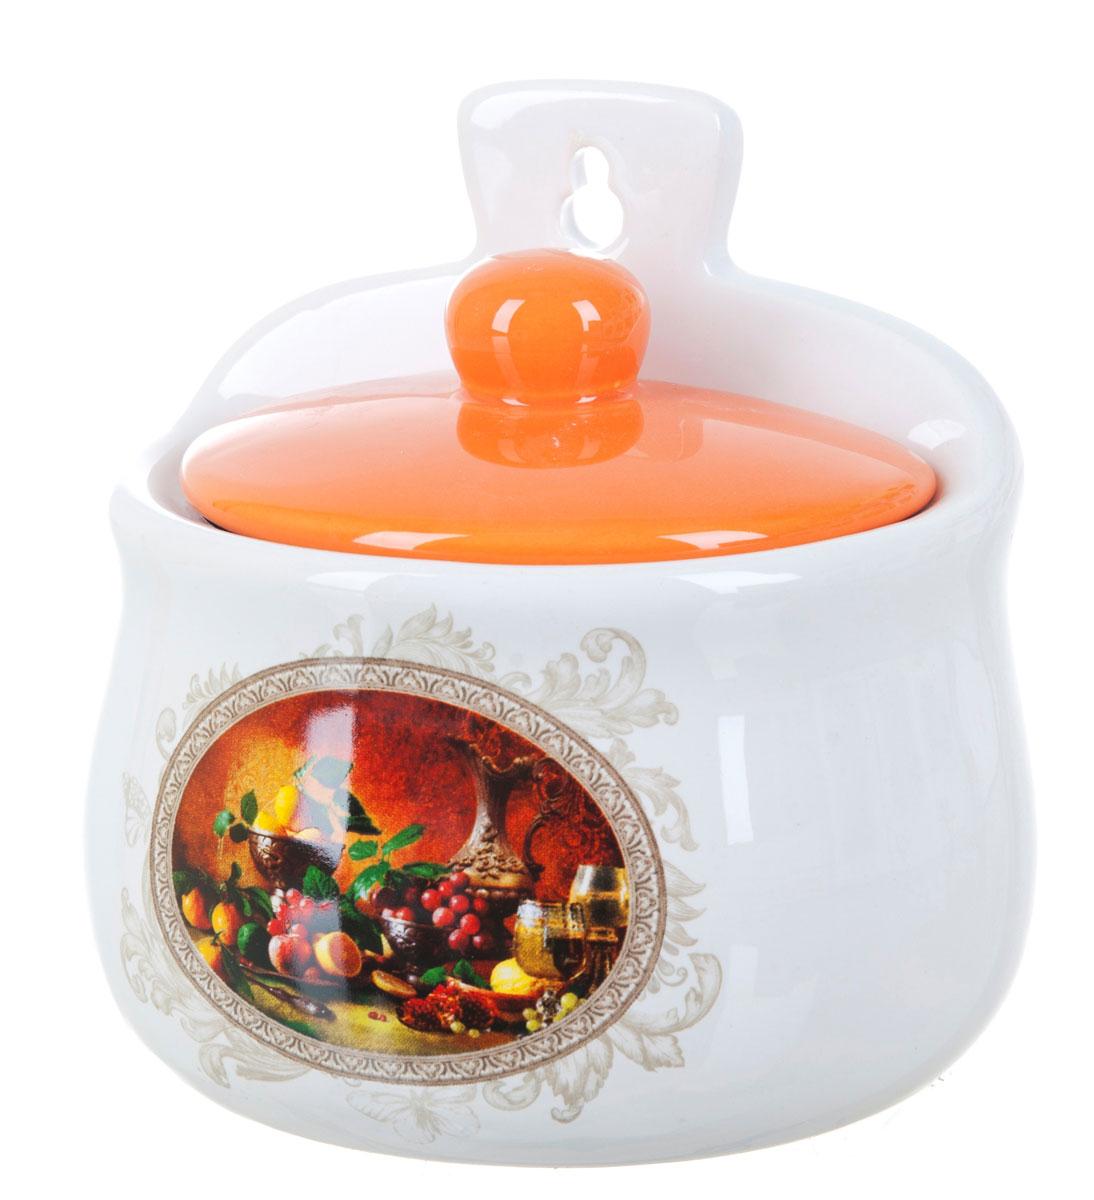 Солонка Polystar СевильяL2520562Оригинальная солонка Севилья изготовлена из высококачественной керамики. Изделие имеет отверстие для подвешивания. Солонка украсит любую кухню и подчеркнет прекрасный вкус хозяина.